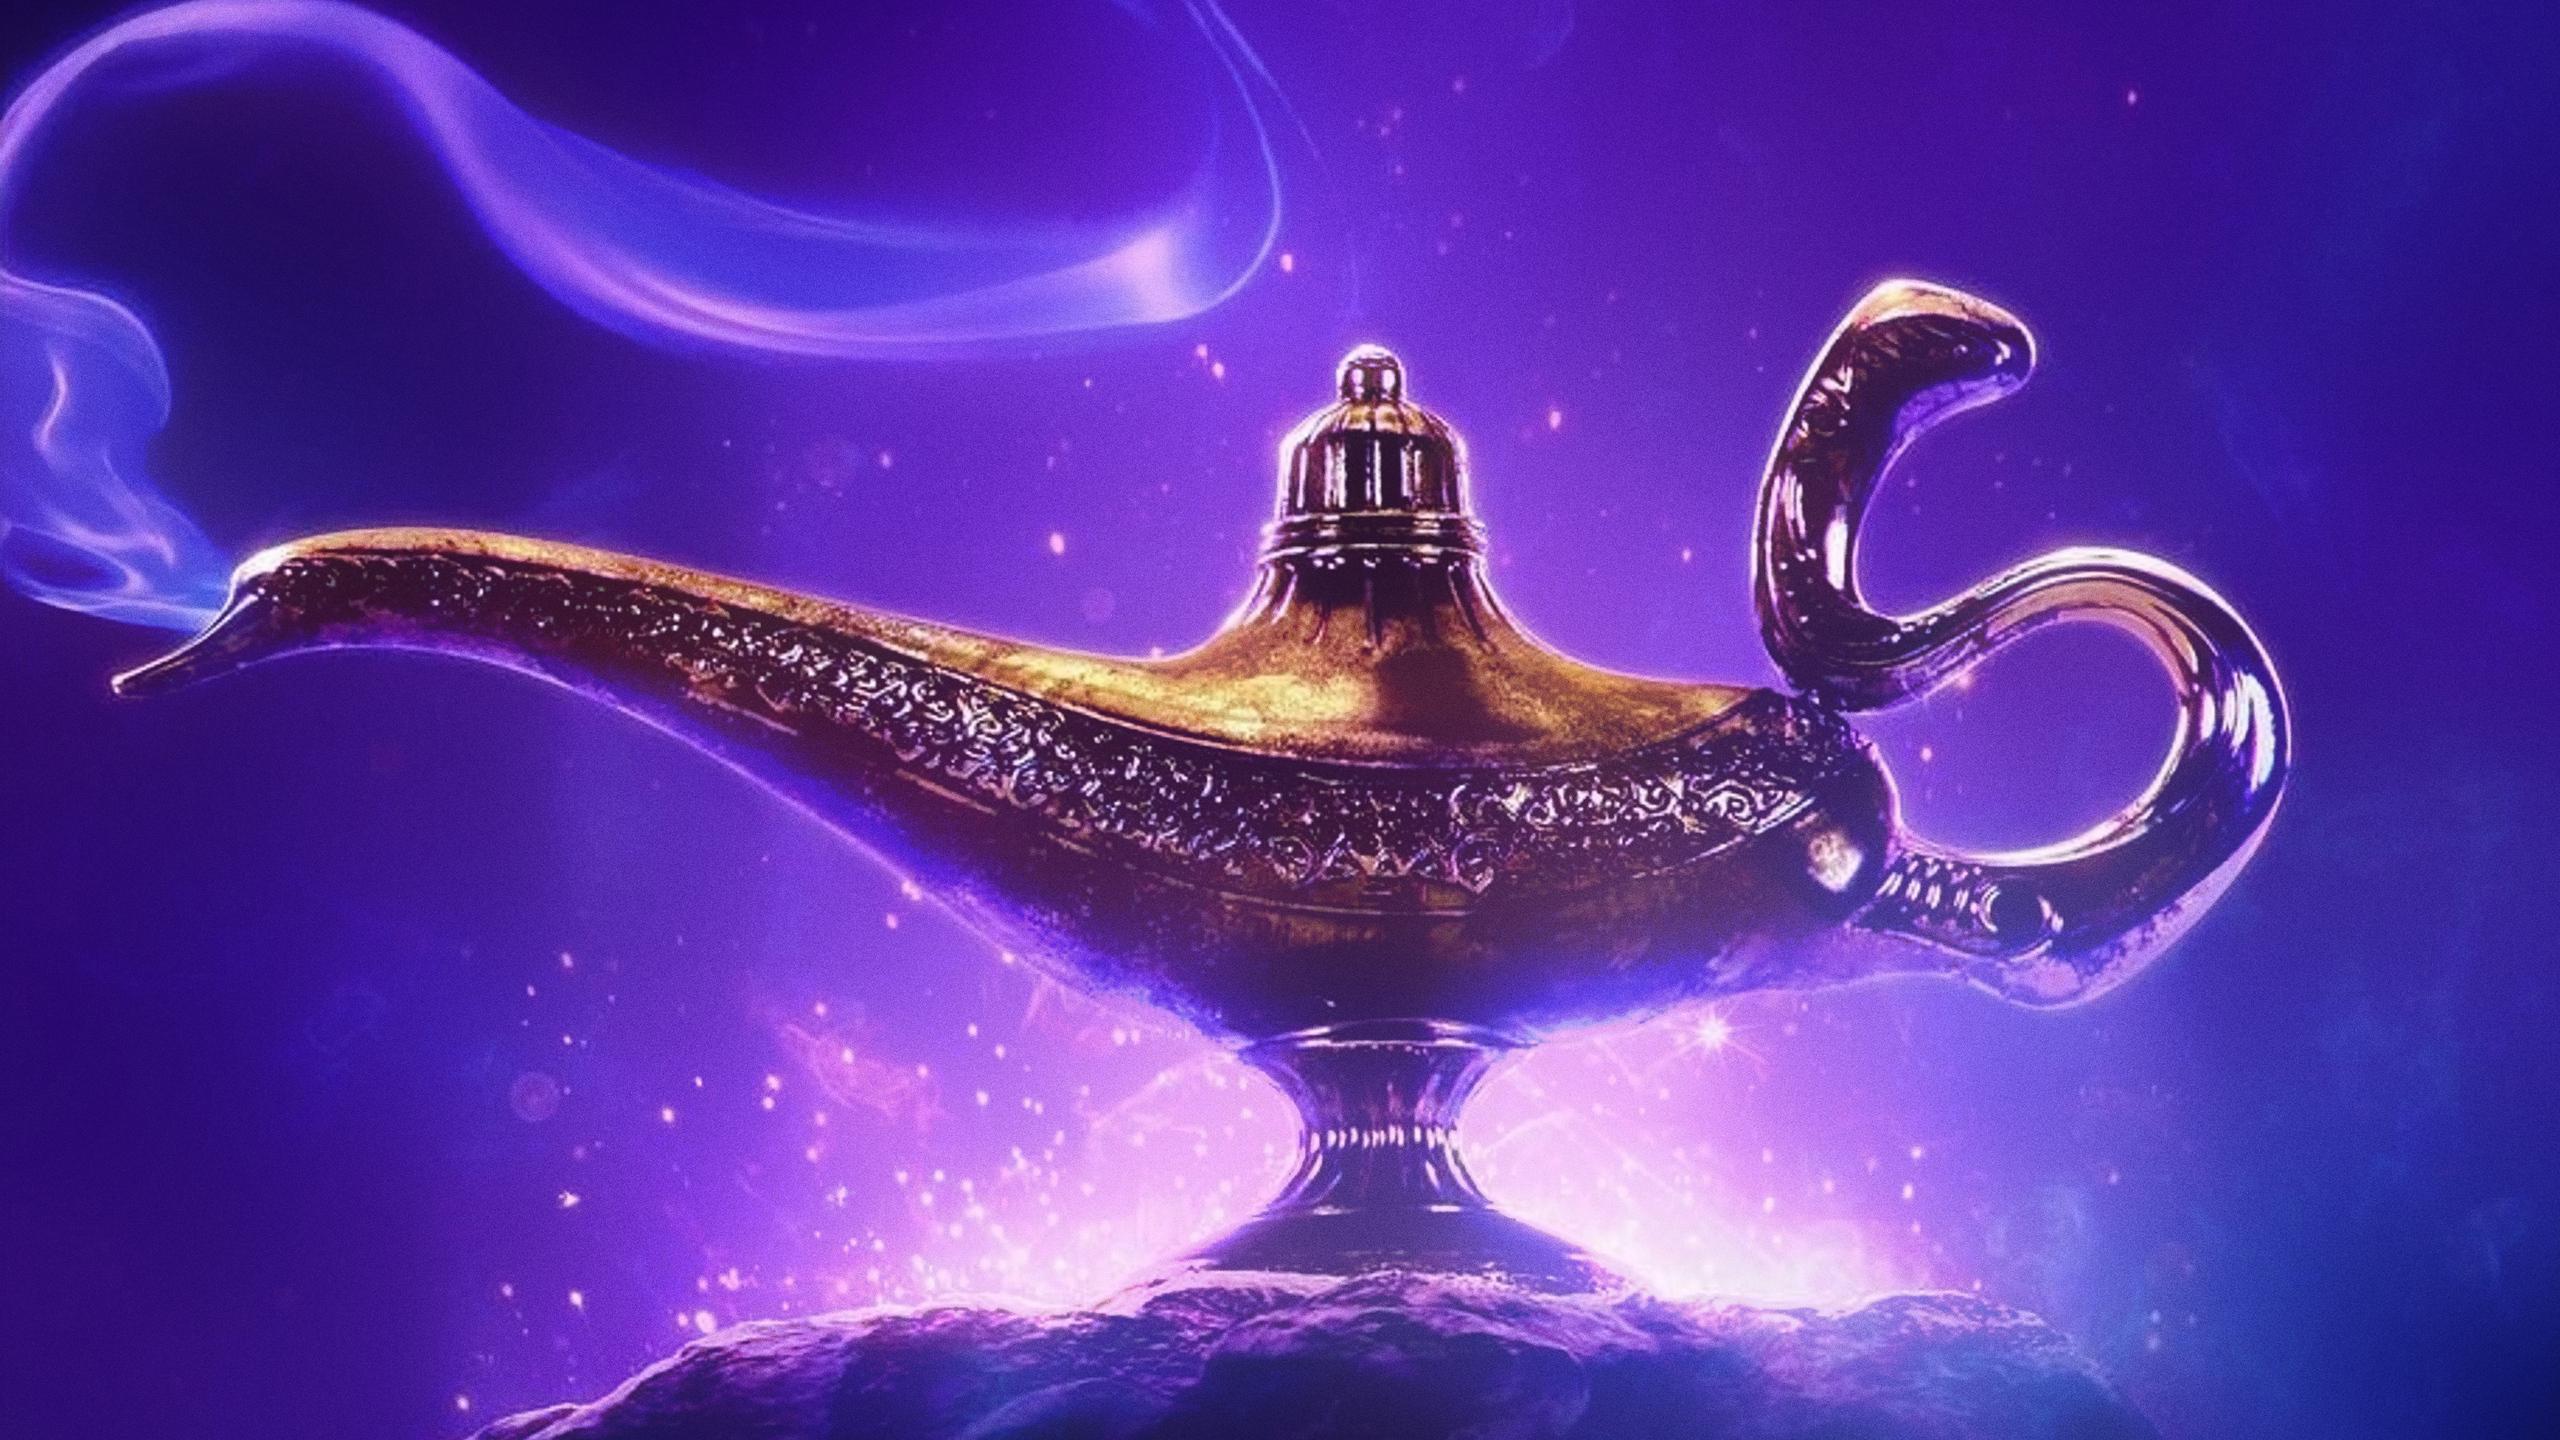 Aladdin Hd Wallpaper Download